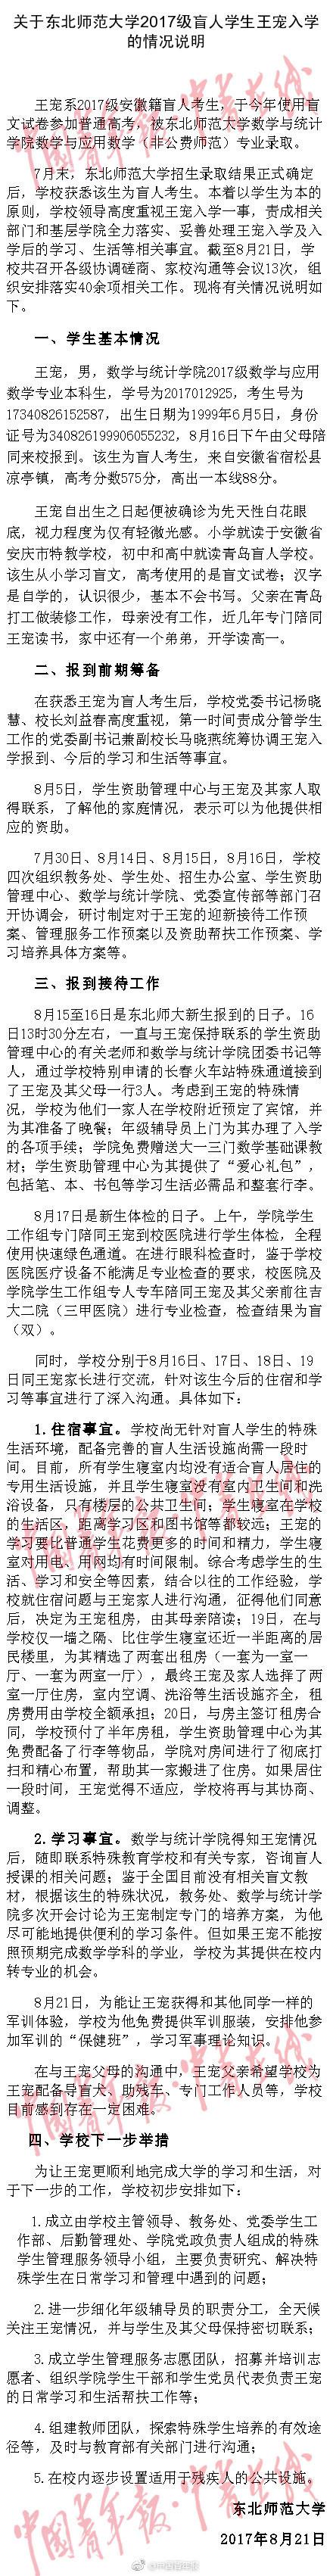 东北师大回应盲人考生校外租房:已征得其家人同意